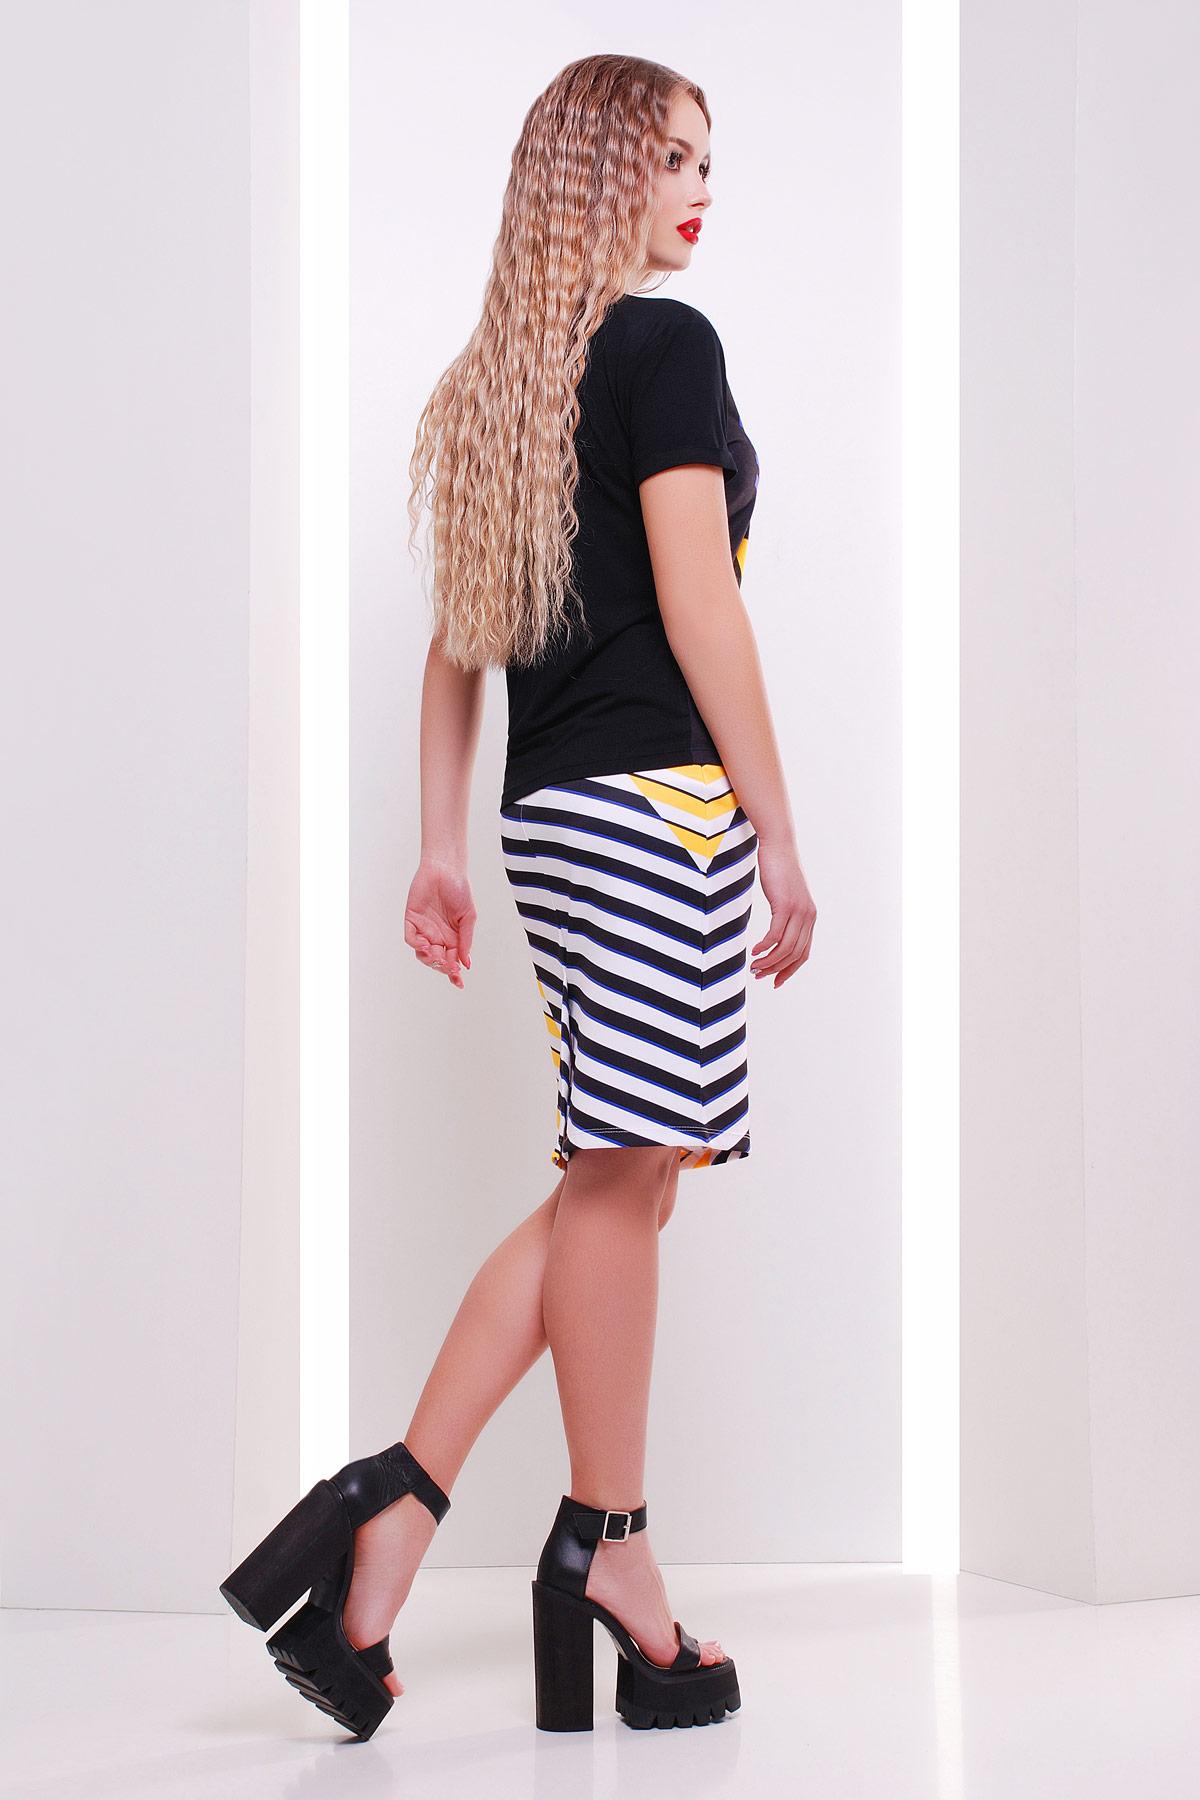 летняя полосатая юбка. Полоска юбка мод. №14 Оригами. Цвет: принт